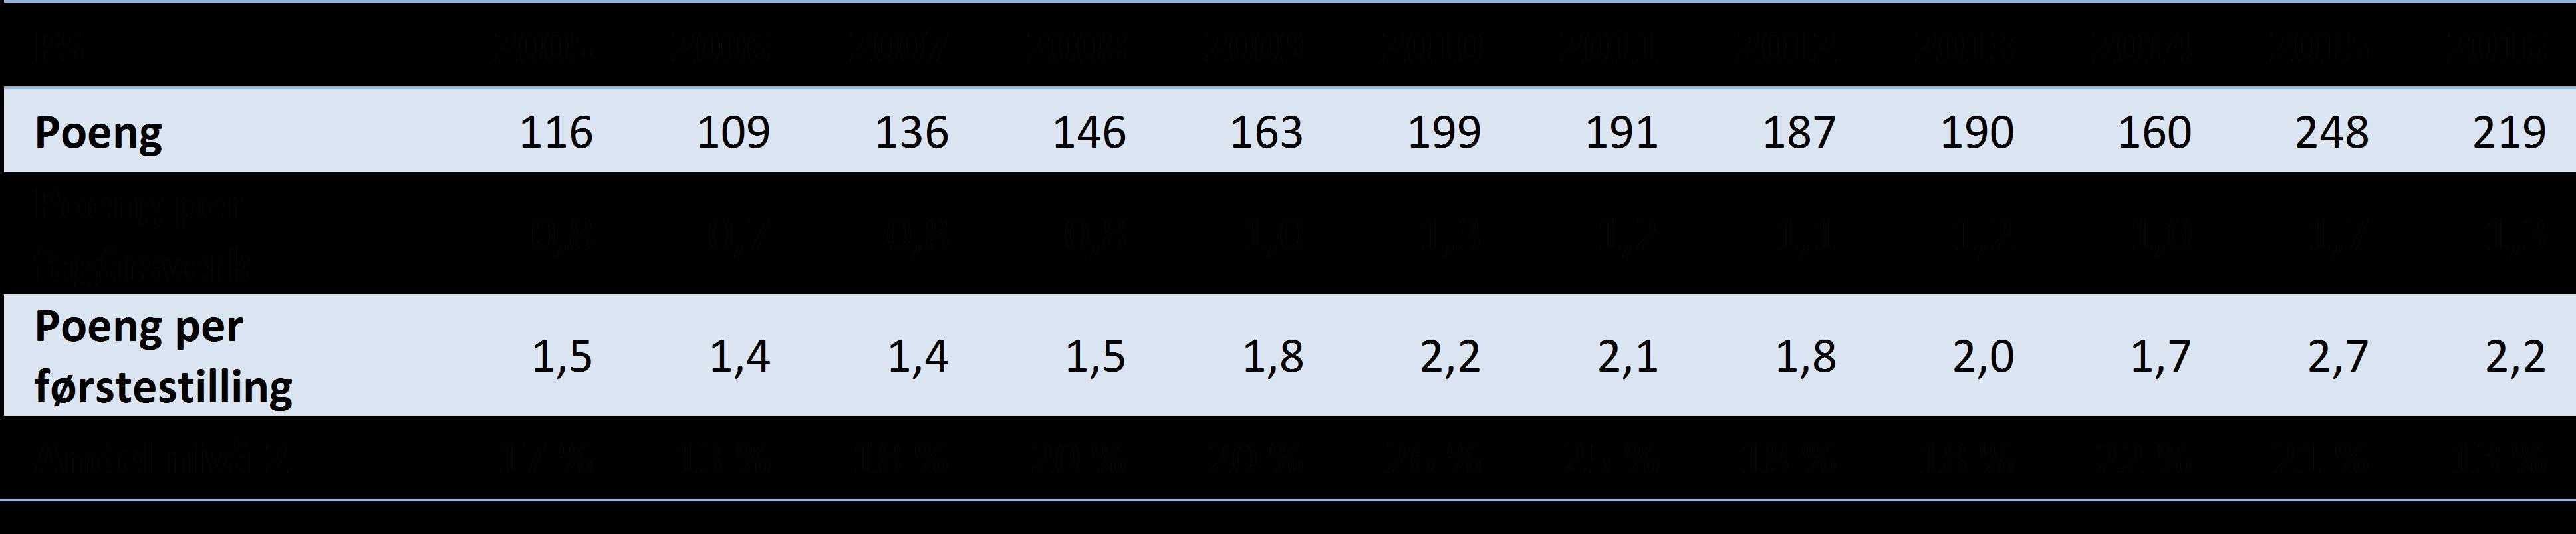 Tabell 1 Hovedindikatorer for publisering ved Det psykologiske fakultet, 2005-2016 (DBH).